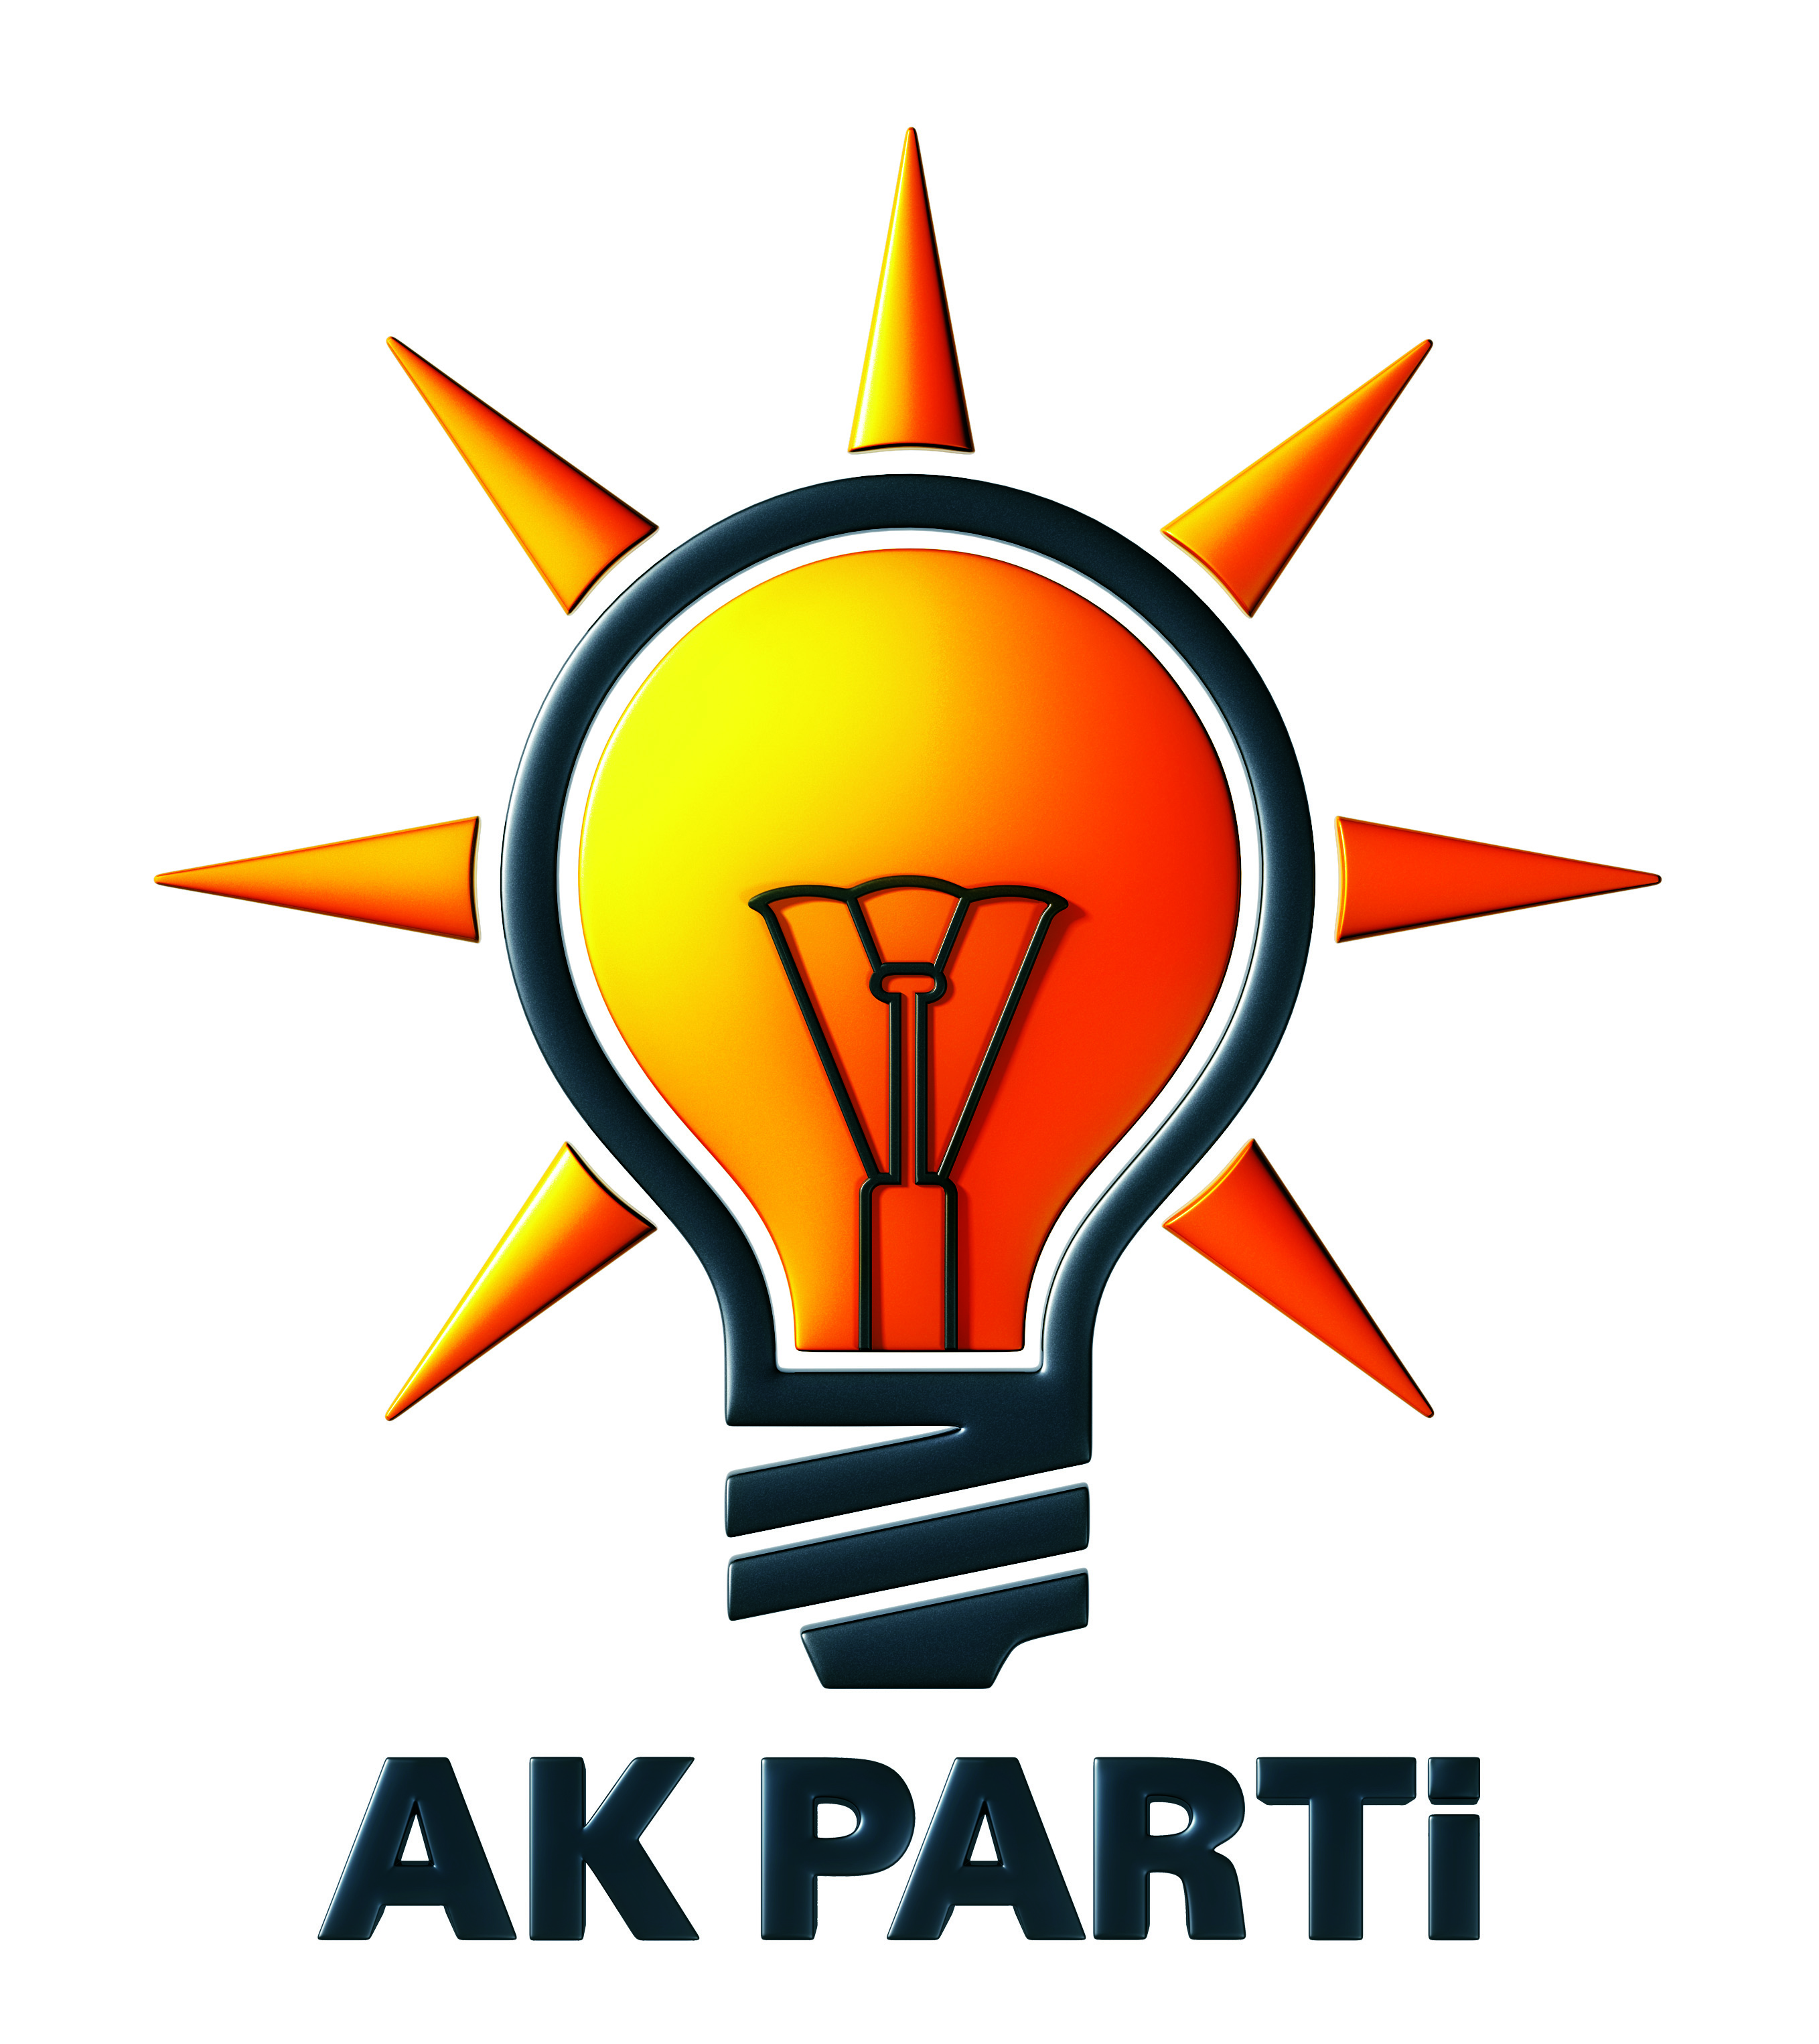 Ak Parti Logo Wallpaper